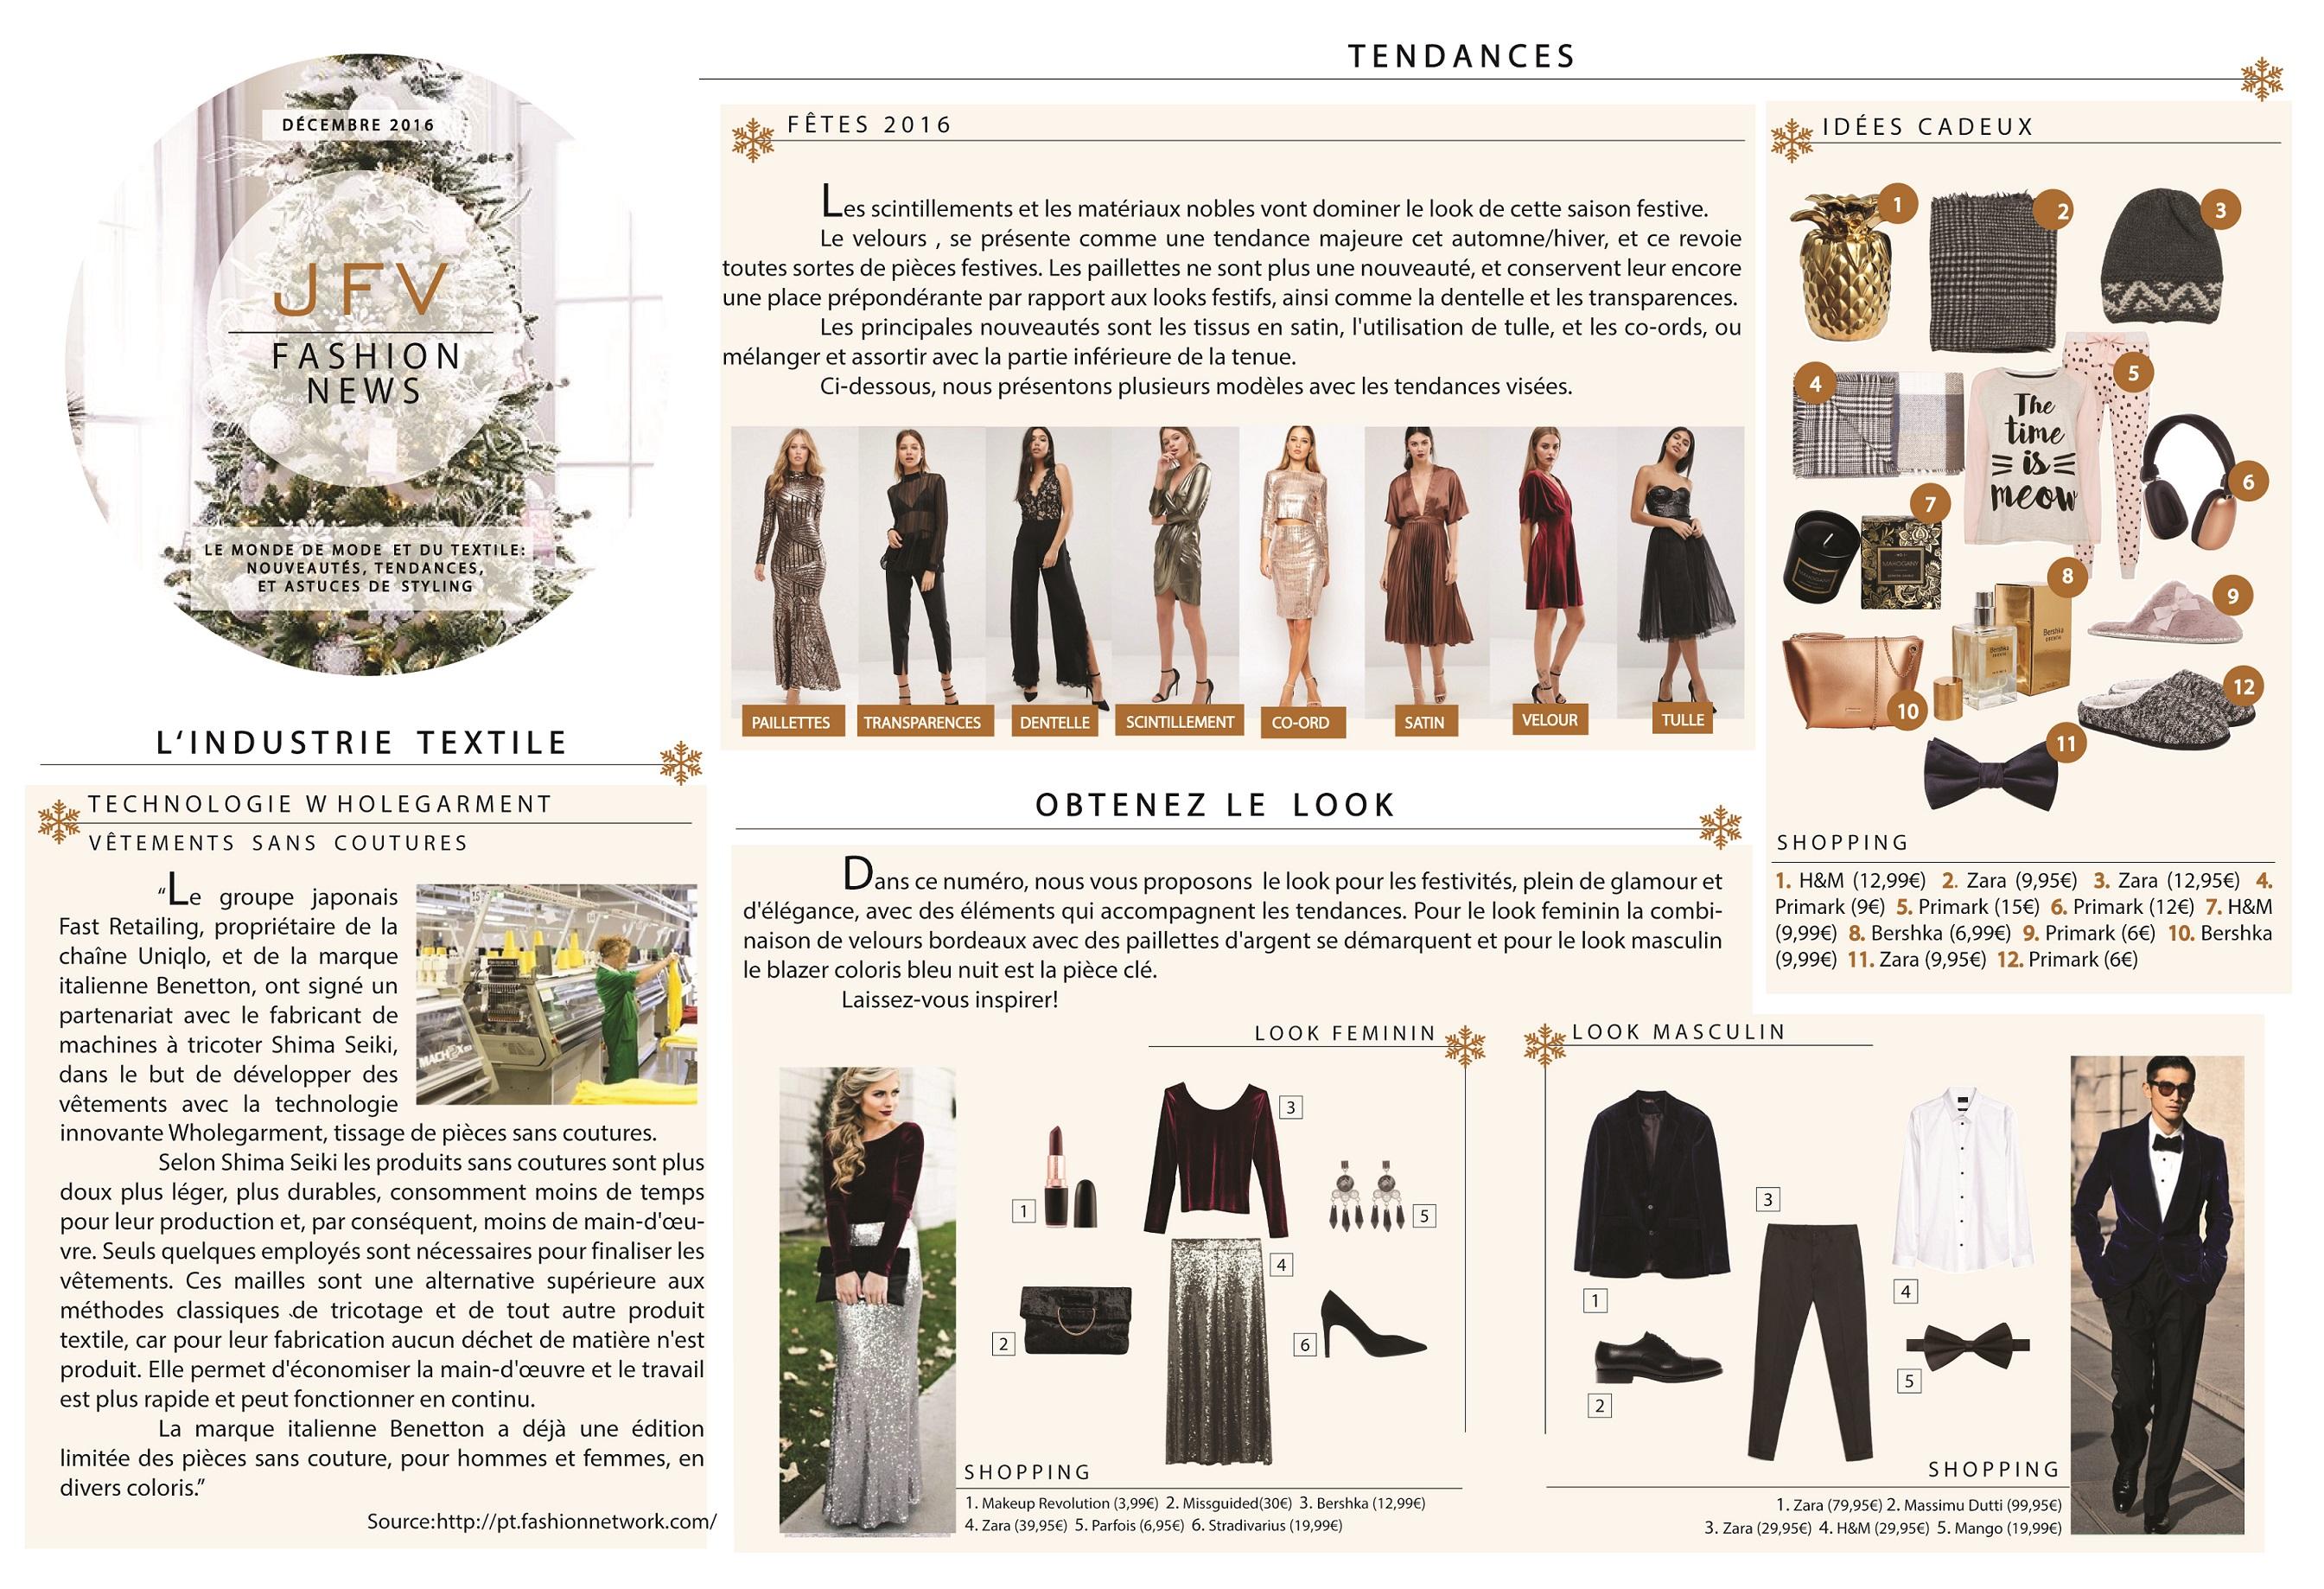 jfv-fashion-news-12-16-frances